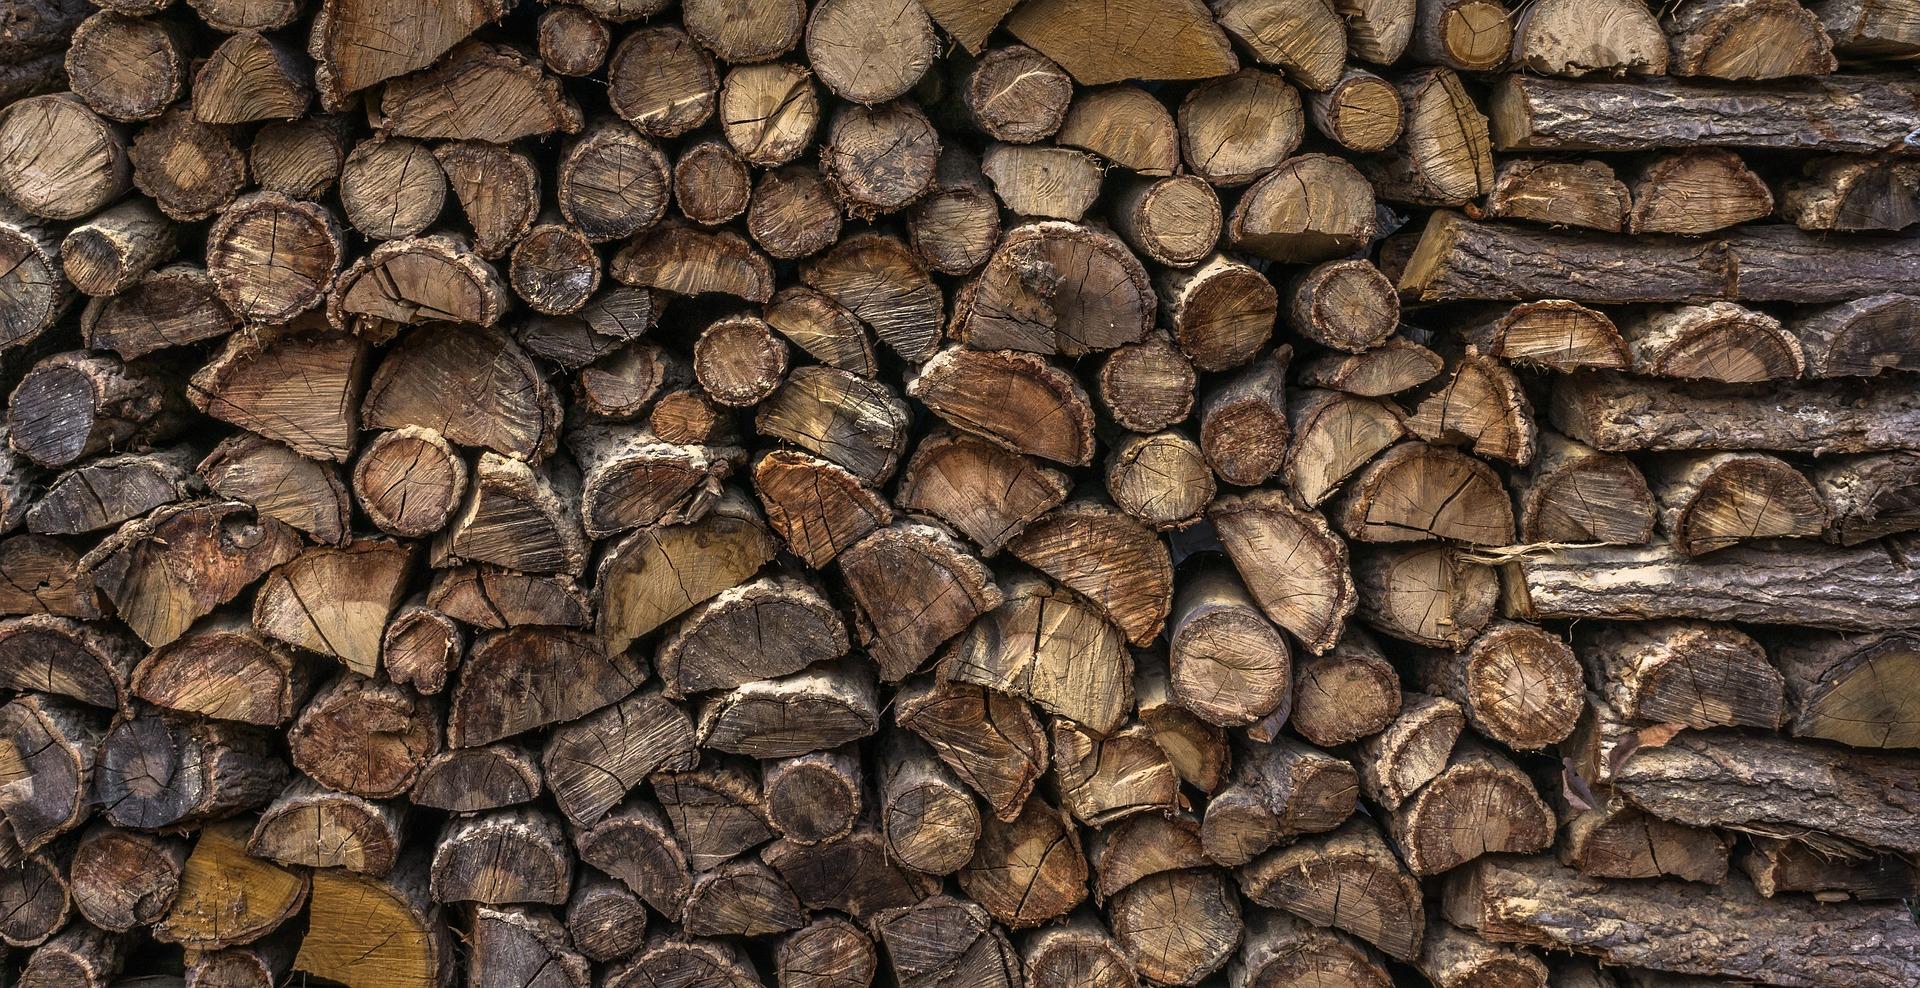 maksymalna wilgotność drewna, które możemy wrzucić do domowego kominka to 20%,